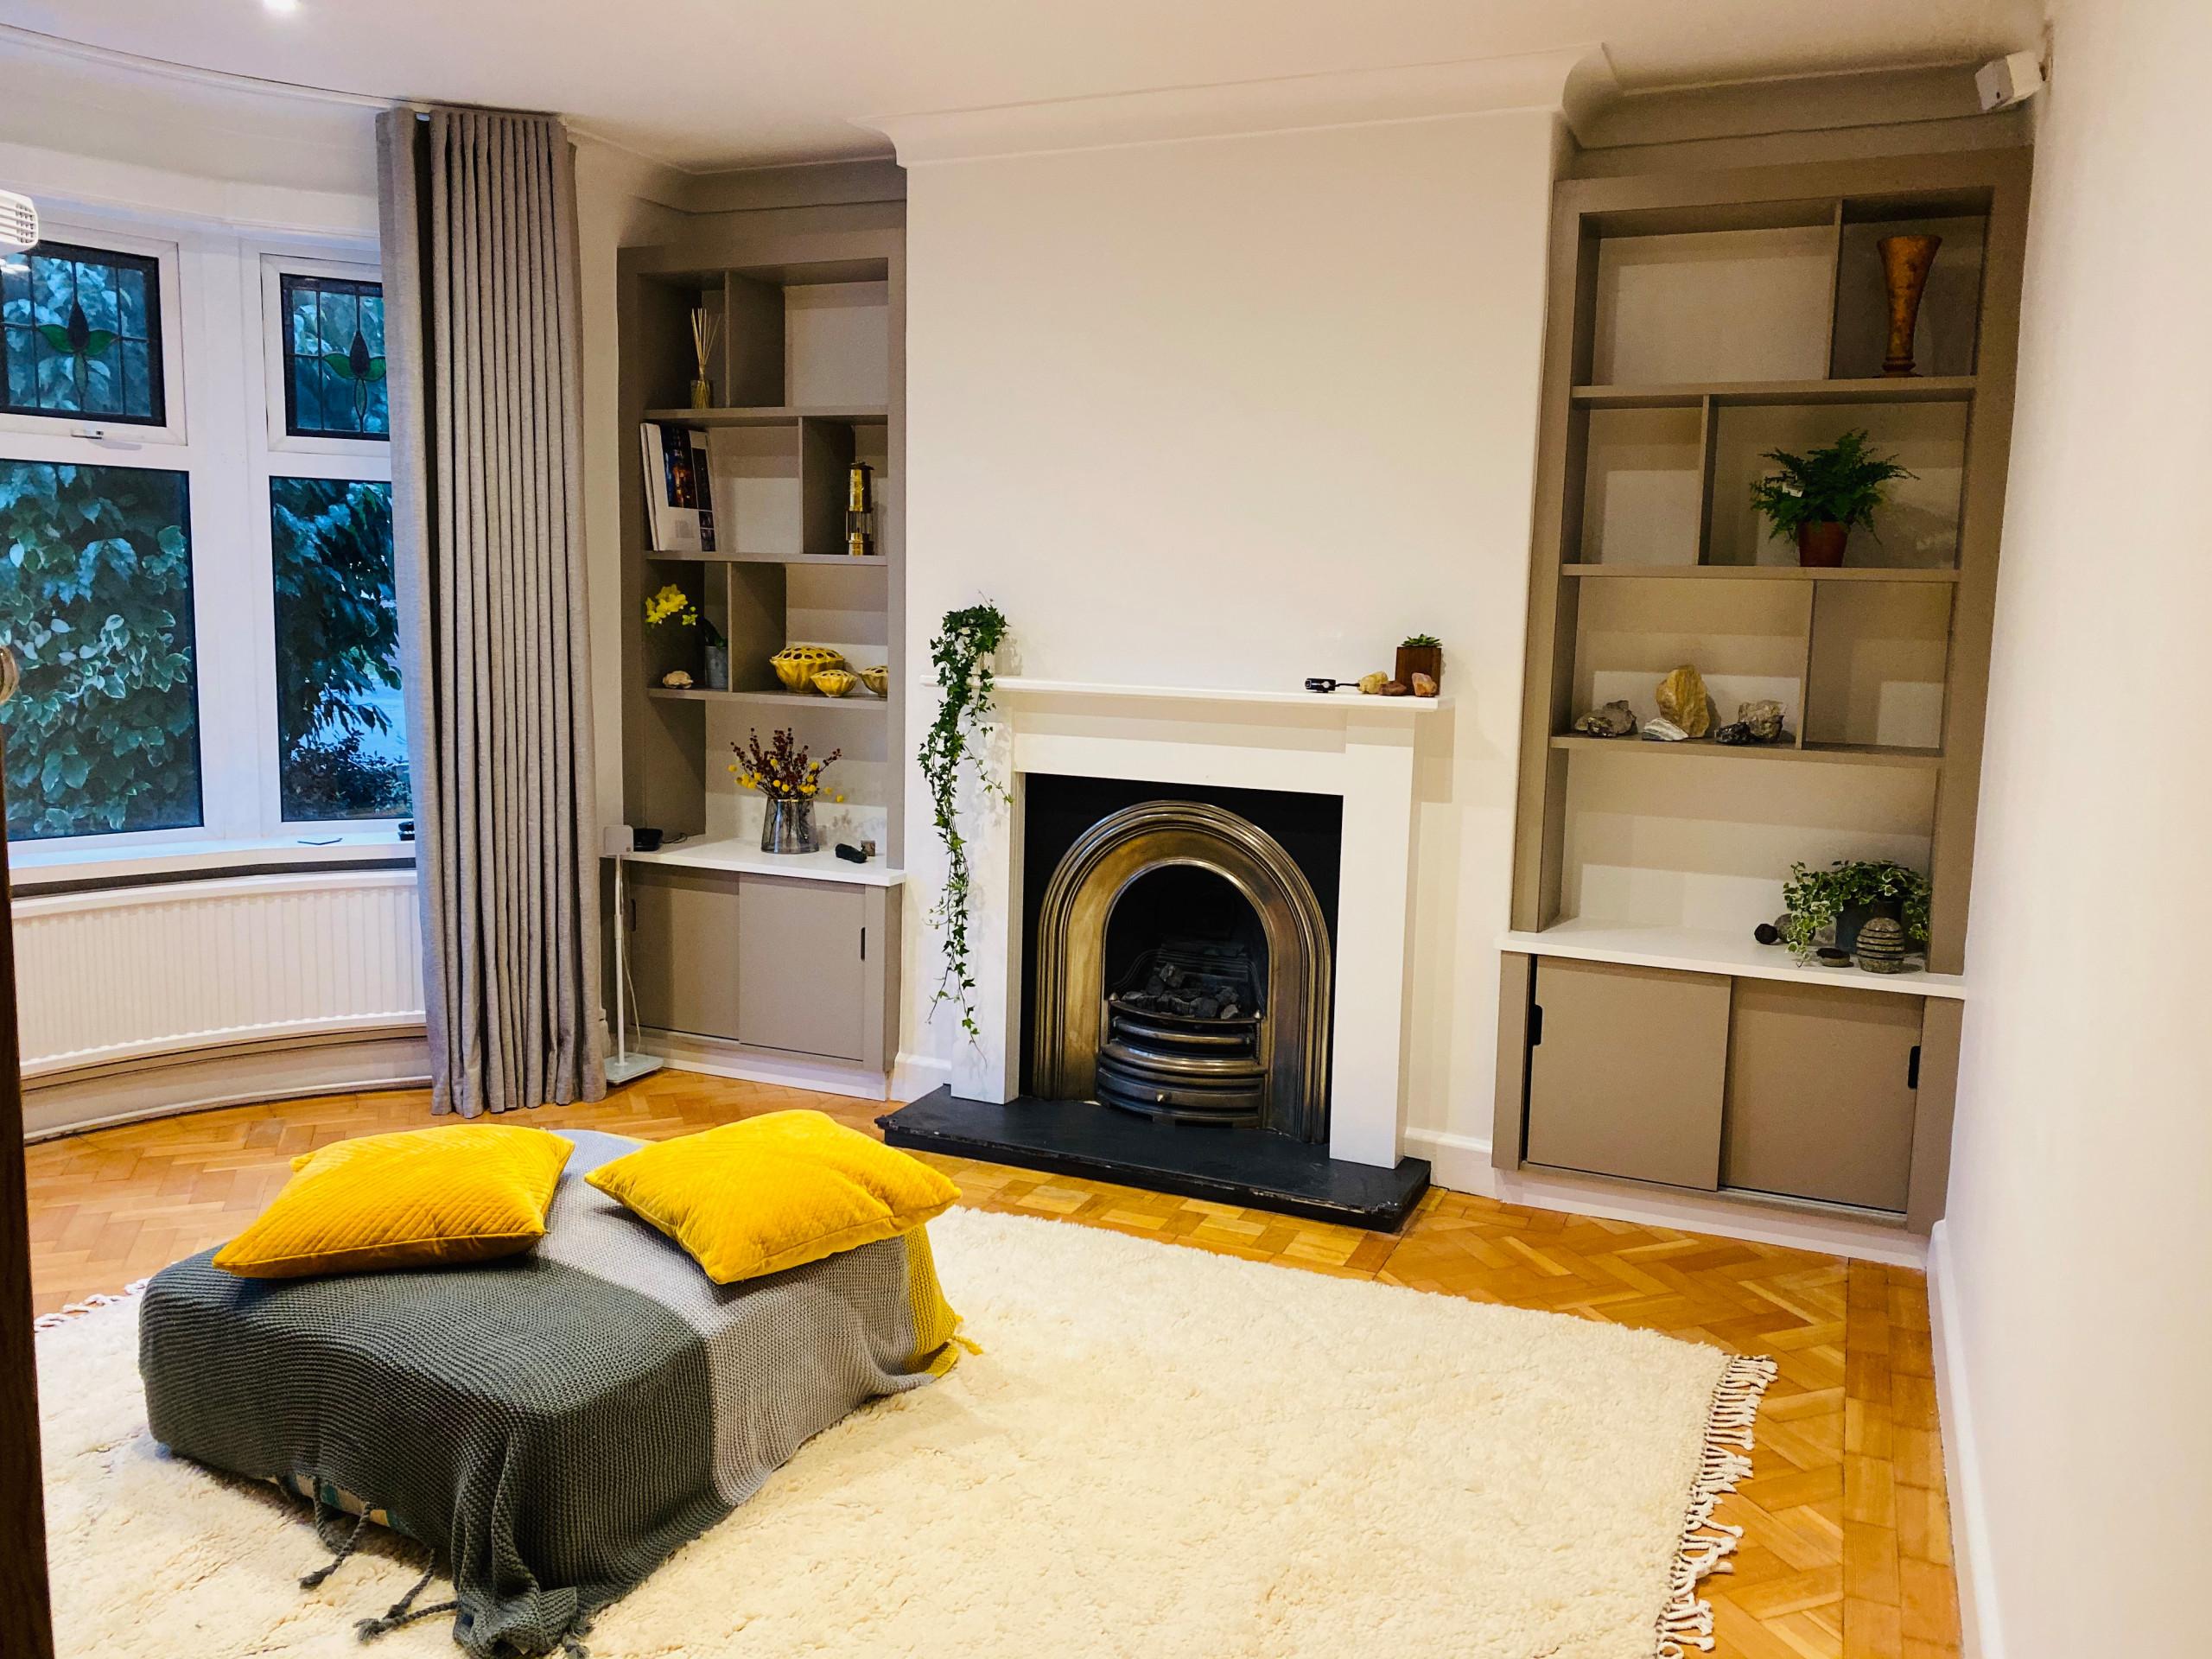 Design ideas for a retro home in Cardiff.